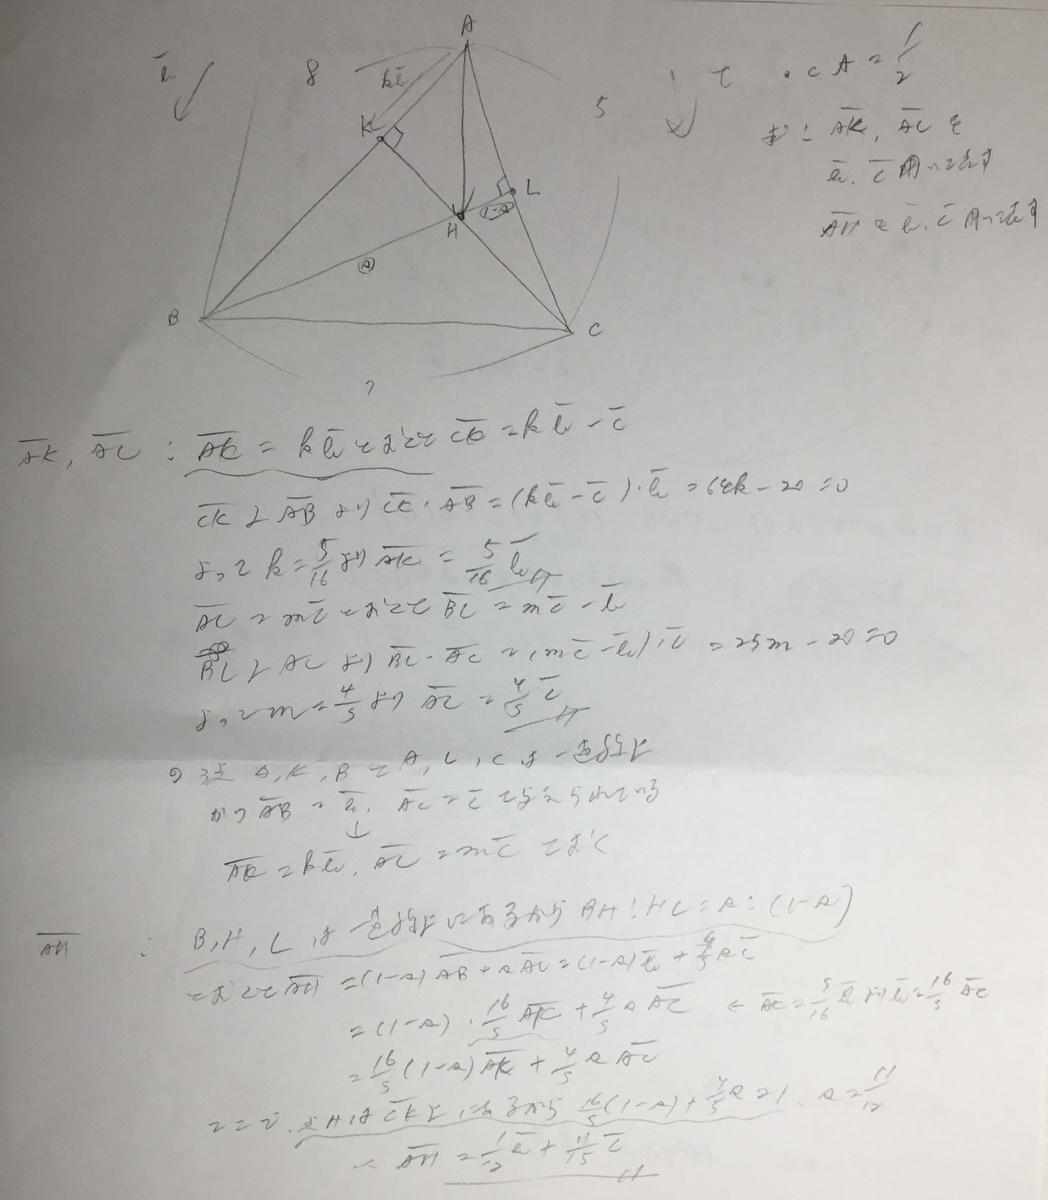 f:id:manaveemath:20200301235354j:plain